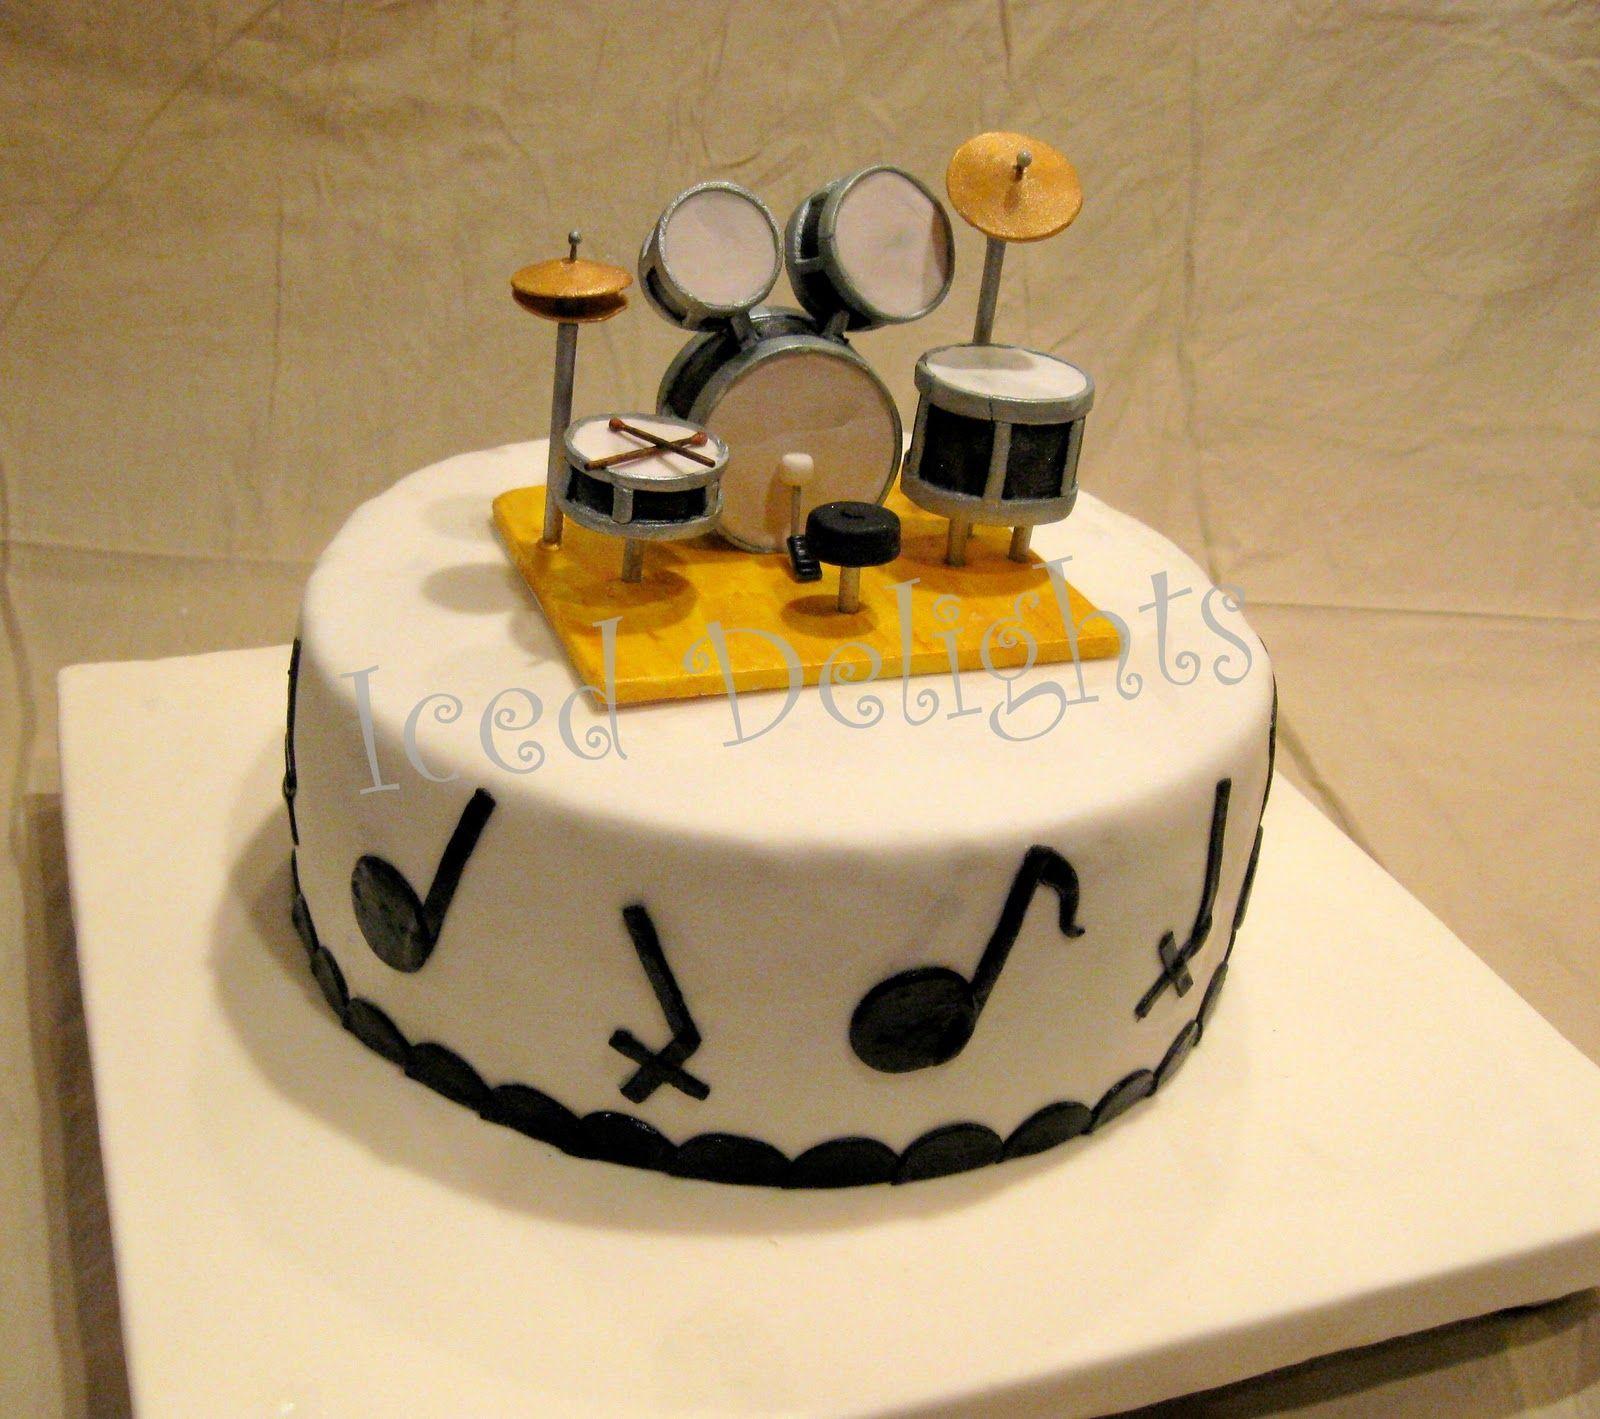 Gâteau Au Chocolat Glaçage Aux épices: Drum Fondant Cake - Google Search